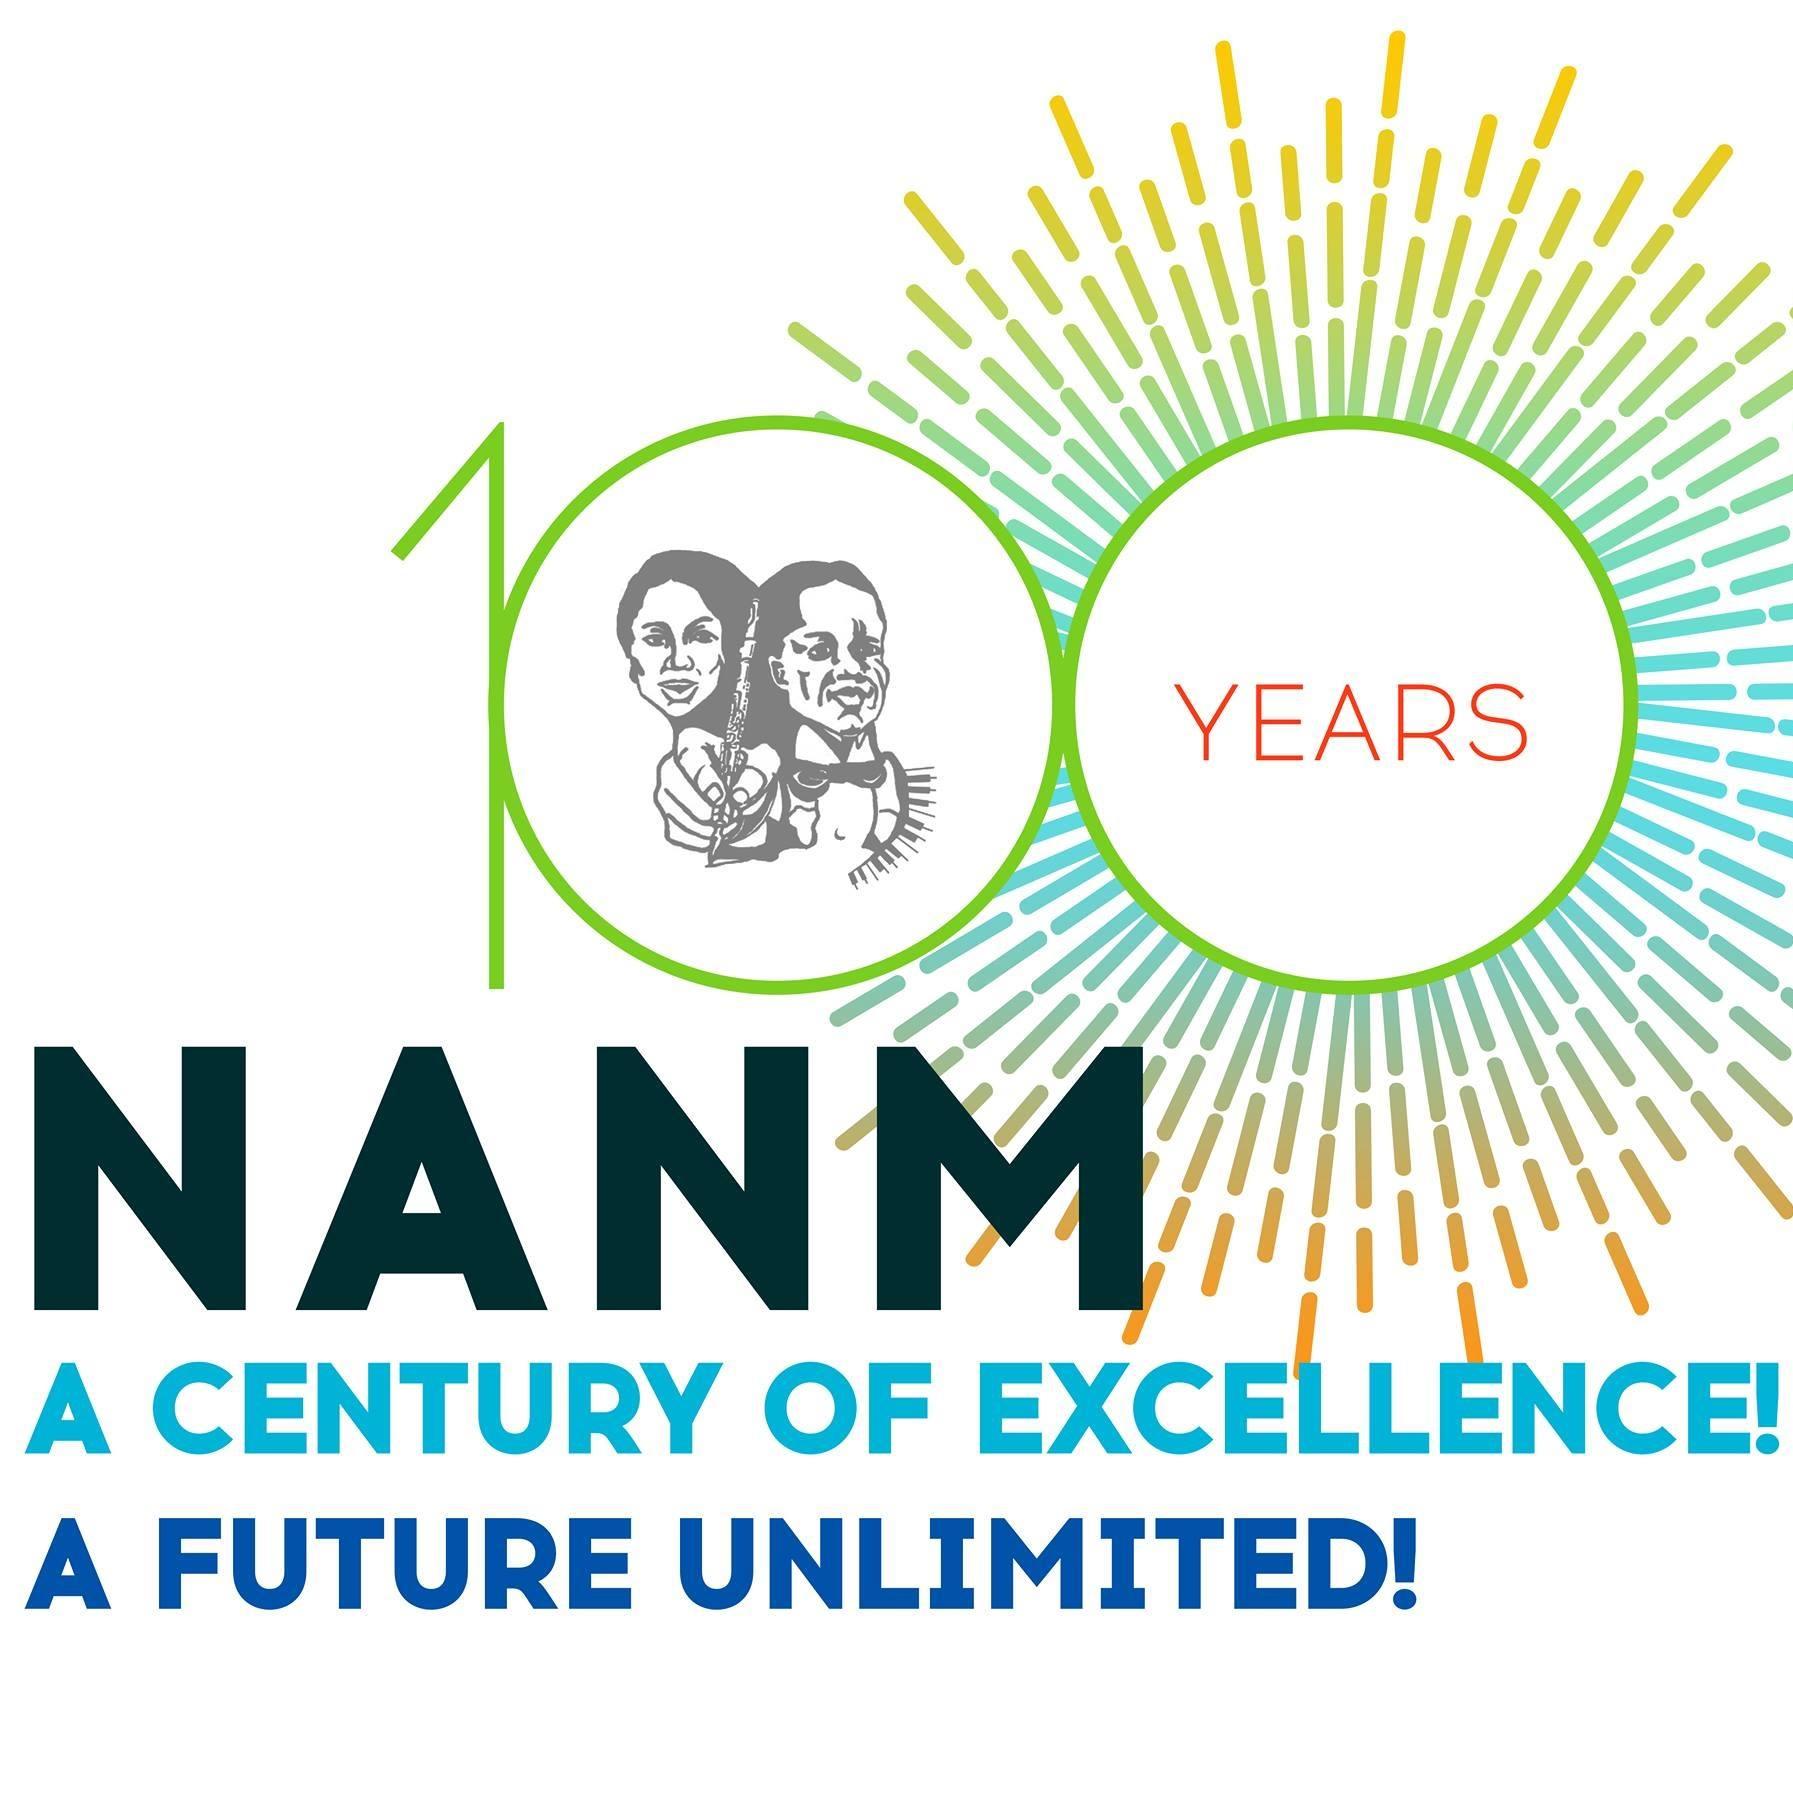 NANM.Convention.jpg